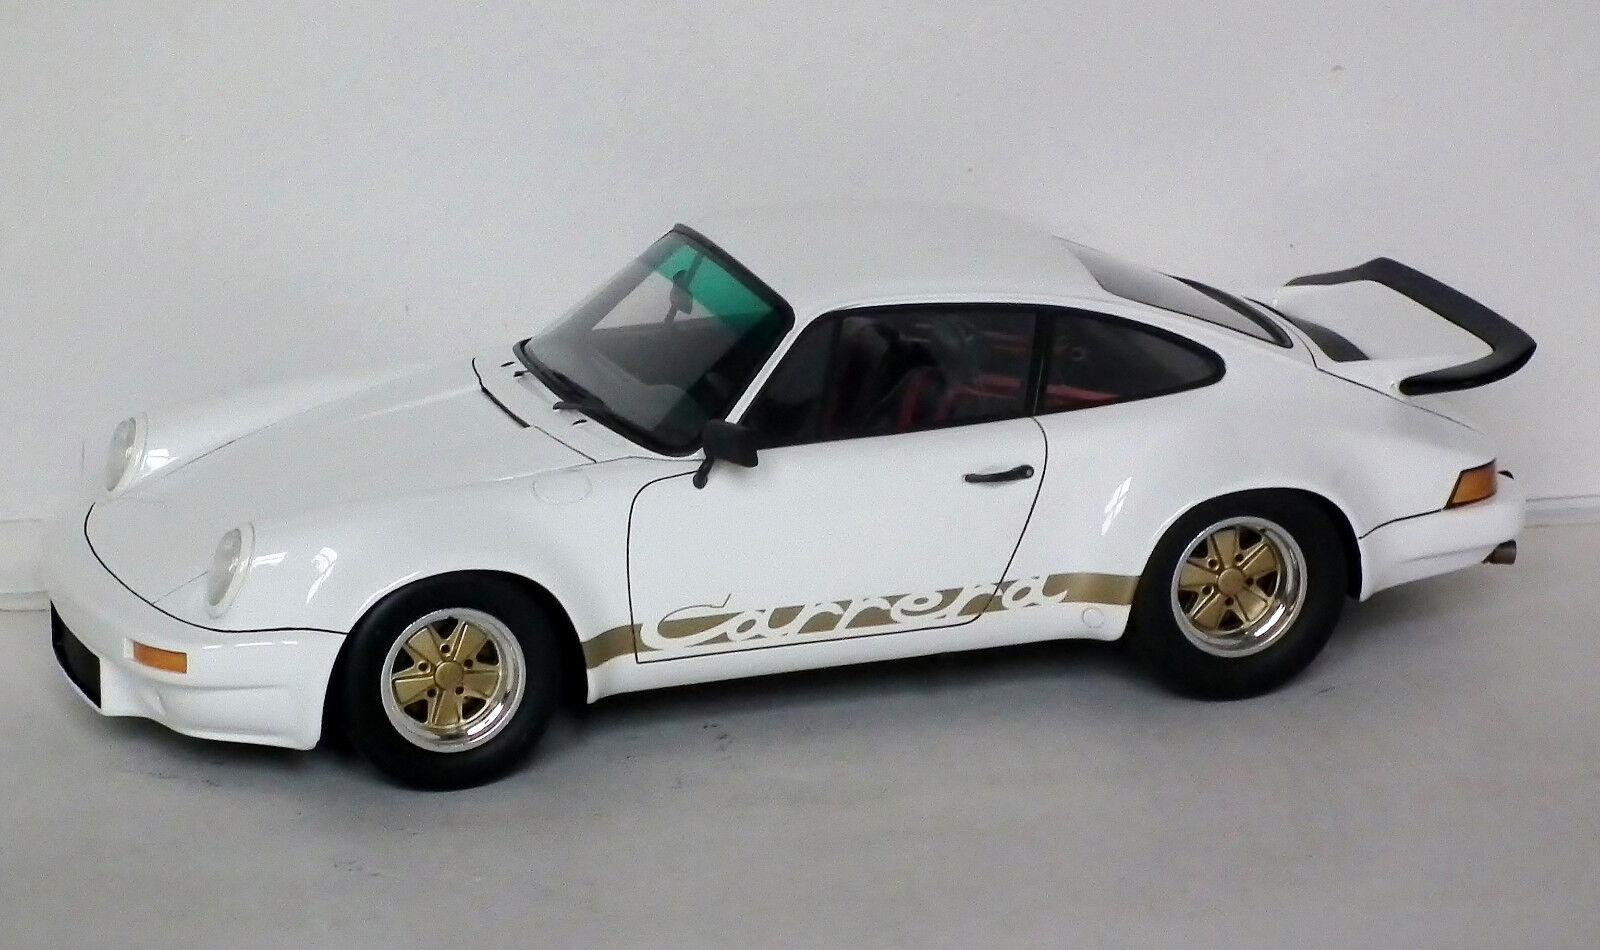 Spark Porsche 911 Carrera RS 3.0 1974 biancao 18S023 1 18 En Caja